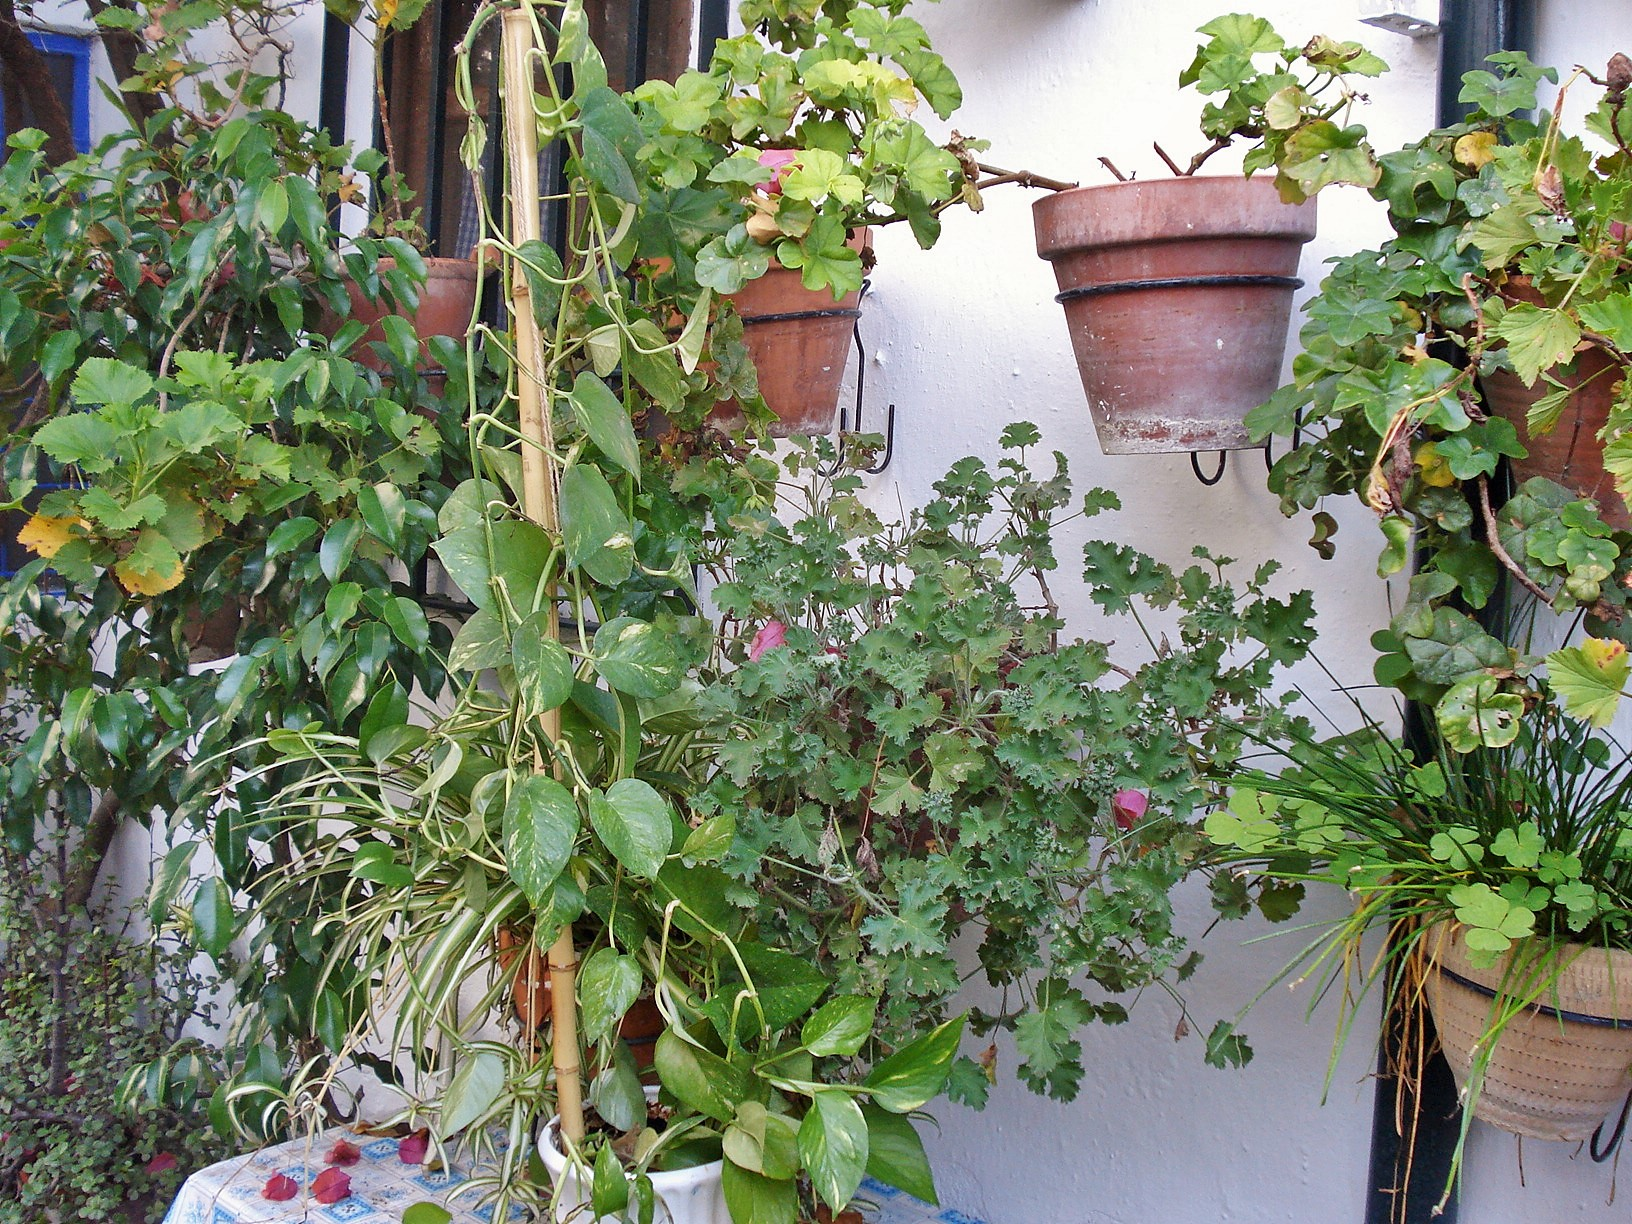 Casa del patio in cordoba vertical container gardening for Vertical garden containers